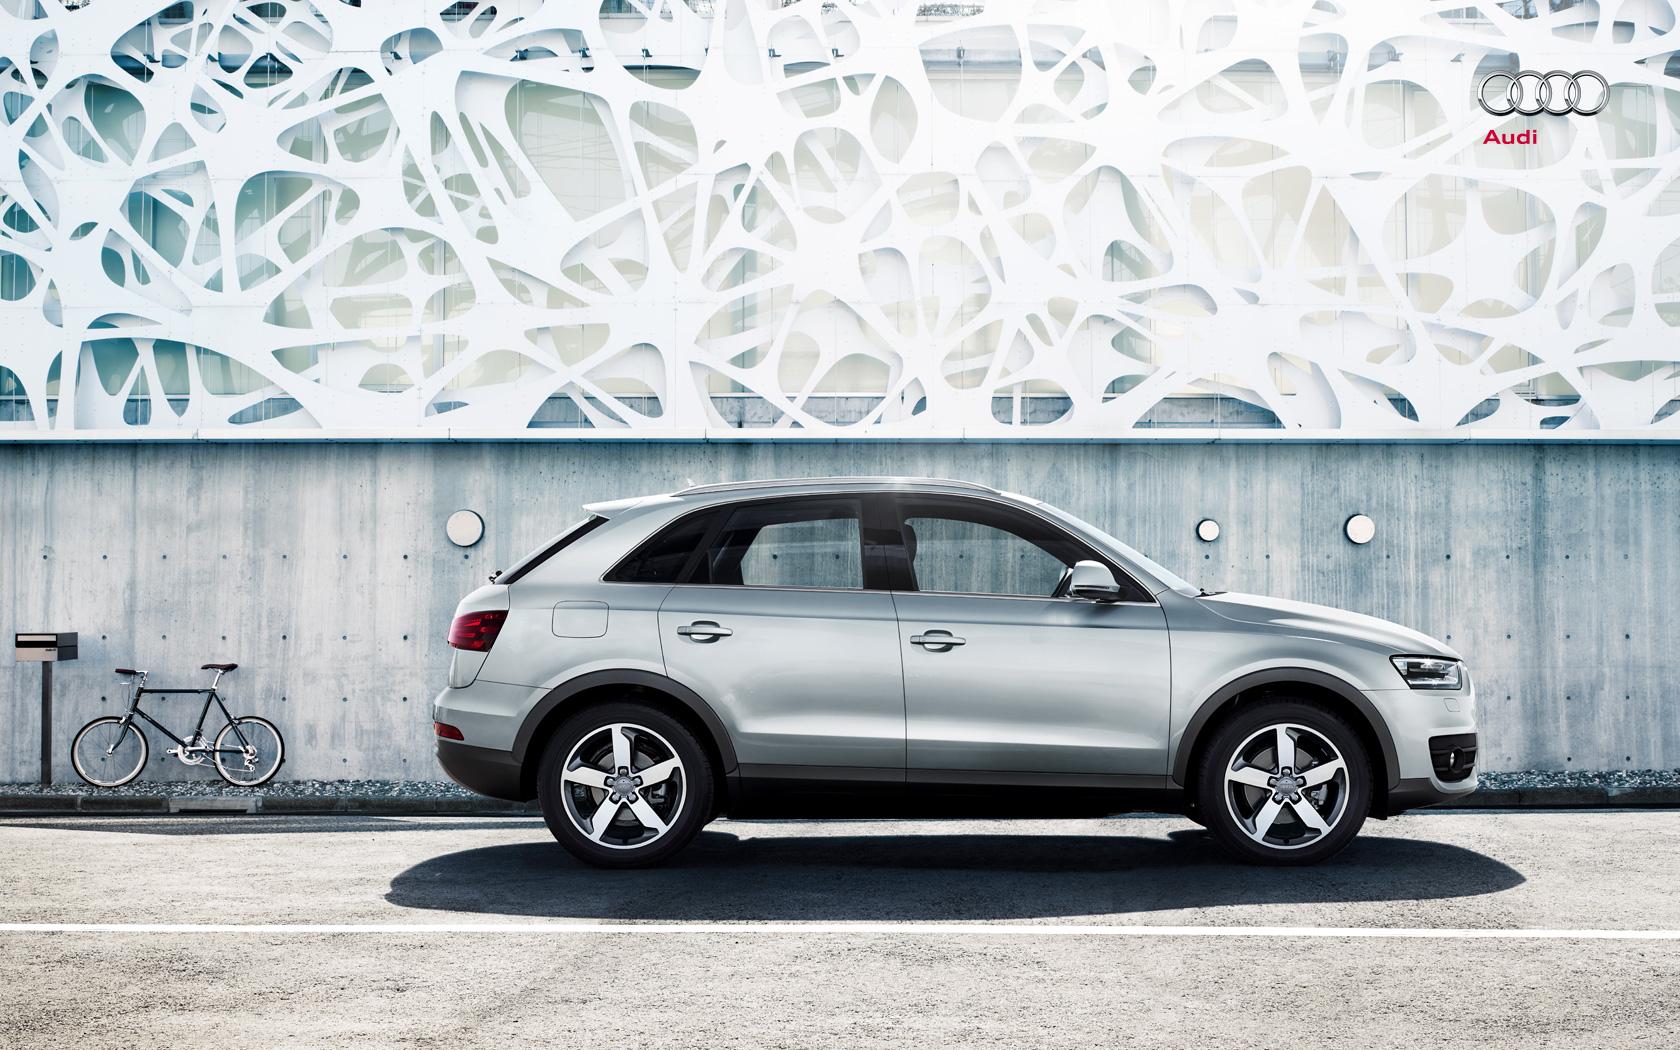 Kelebihan Audi Q3 2012 Murah Berkualitas